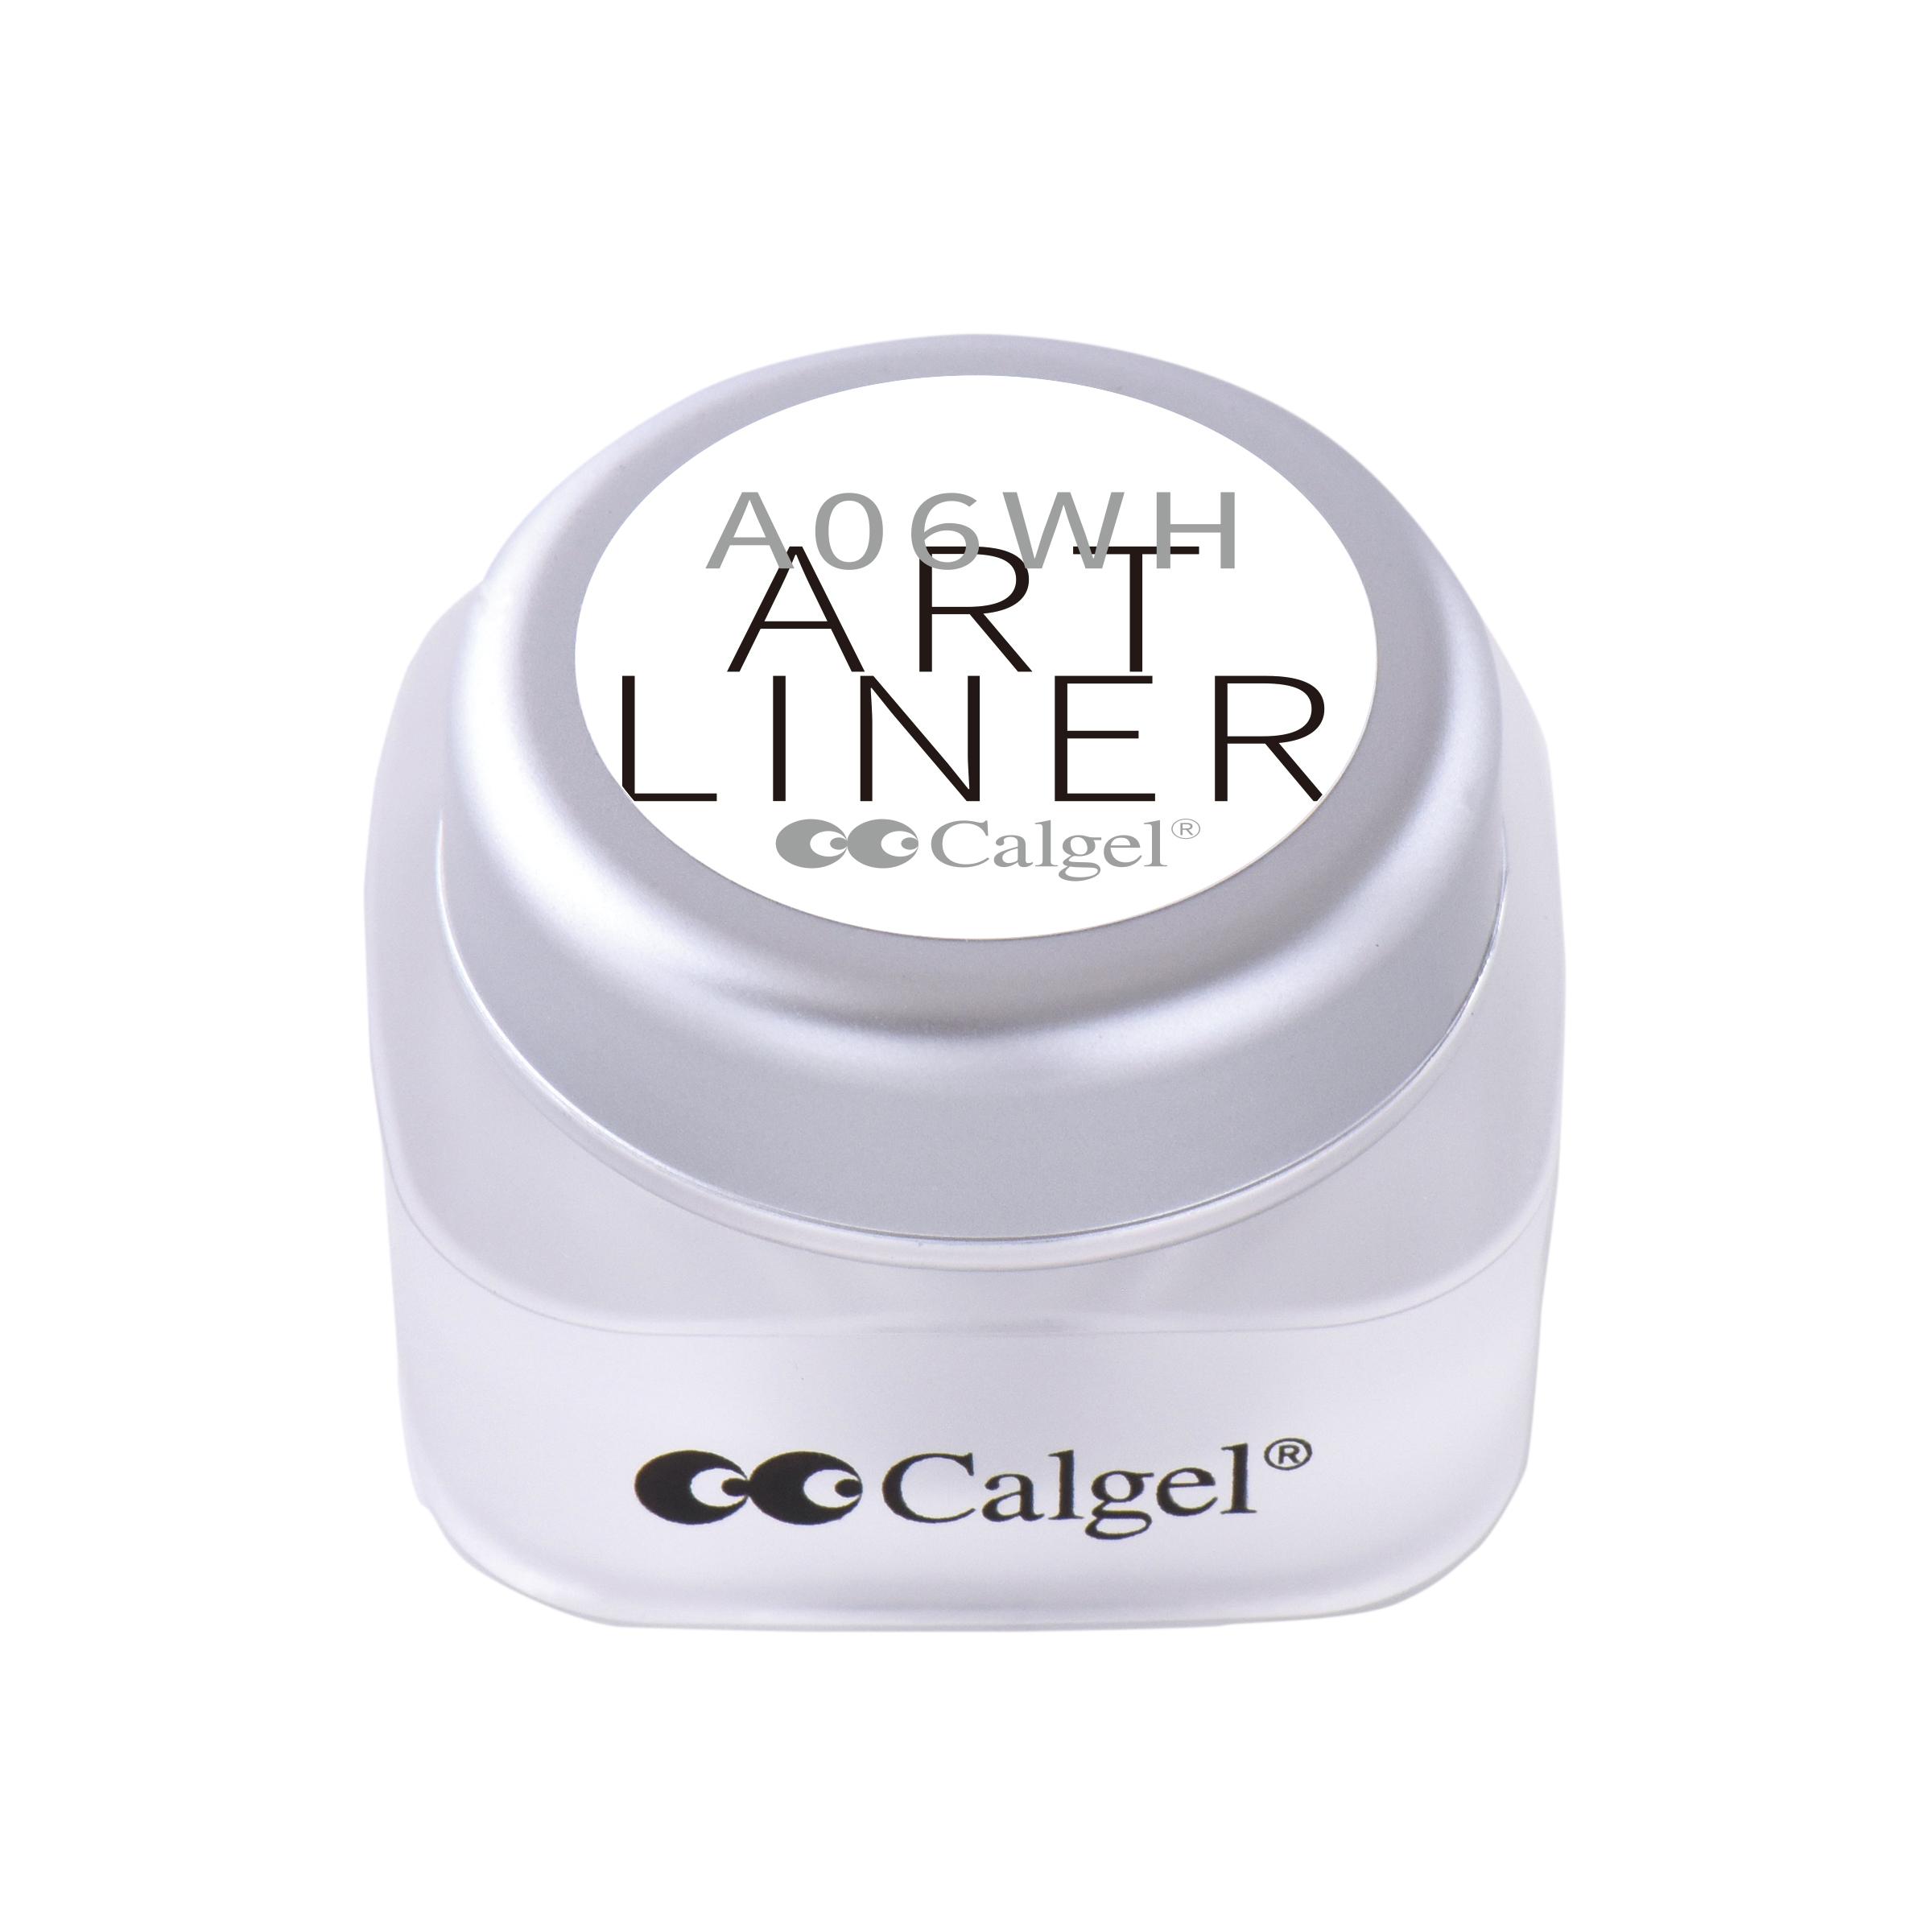 CGA06WH カラーカルジェル プラス アート ライナーホワイト